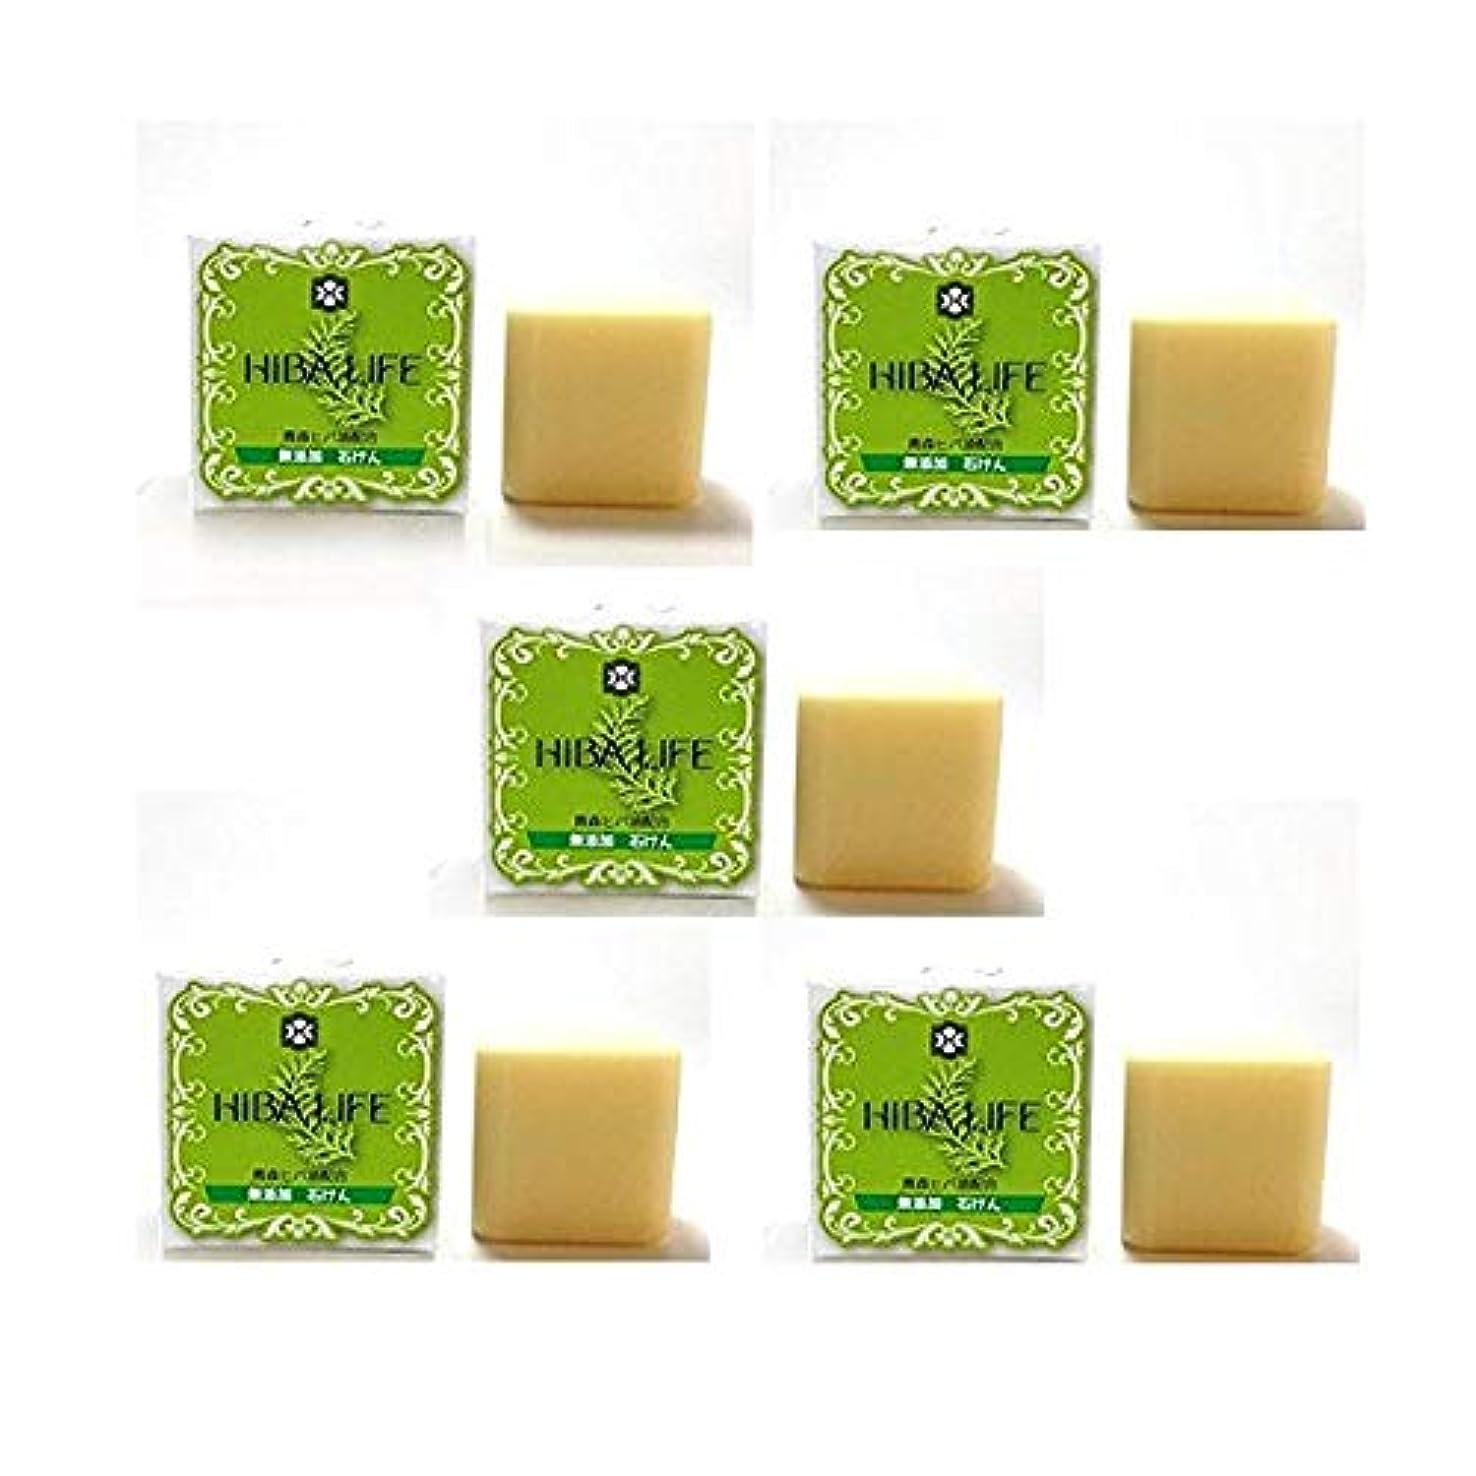 弱いマークダウンコードヒバ石鹸 ひばの森化粧石鹸5個セット(100g×5個) 青森ヒバ精油配合の無添加ひば石鹸